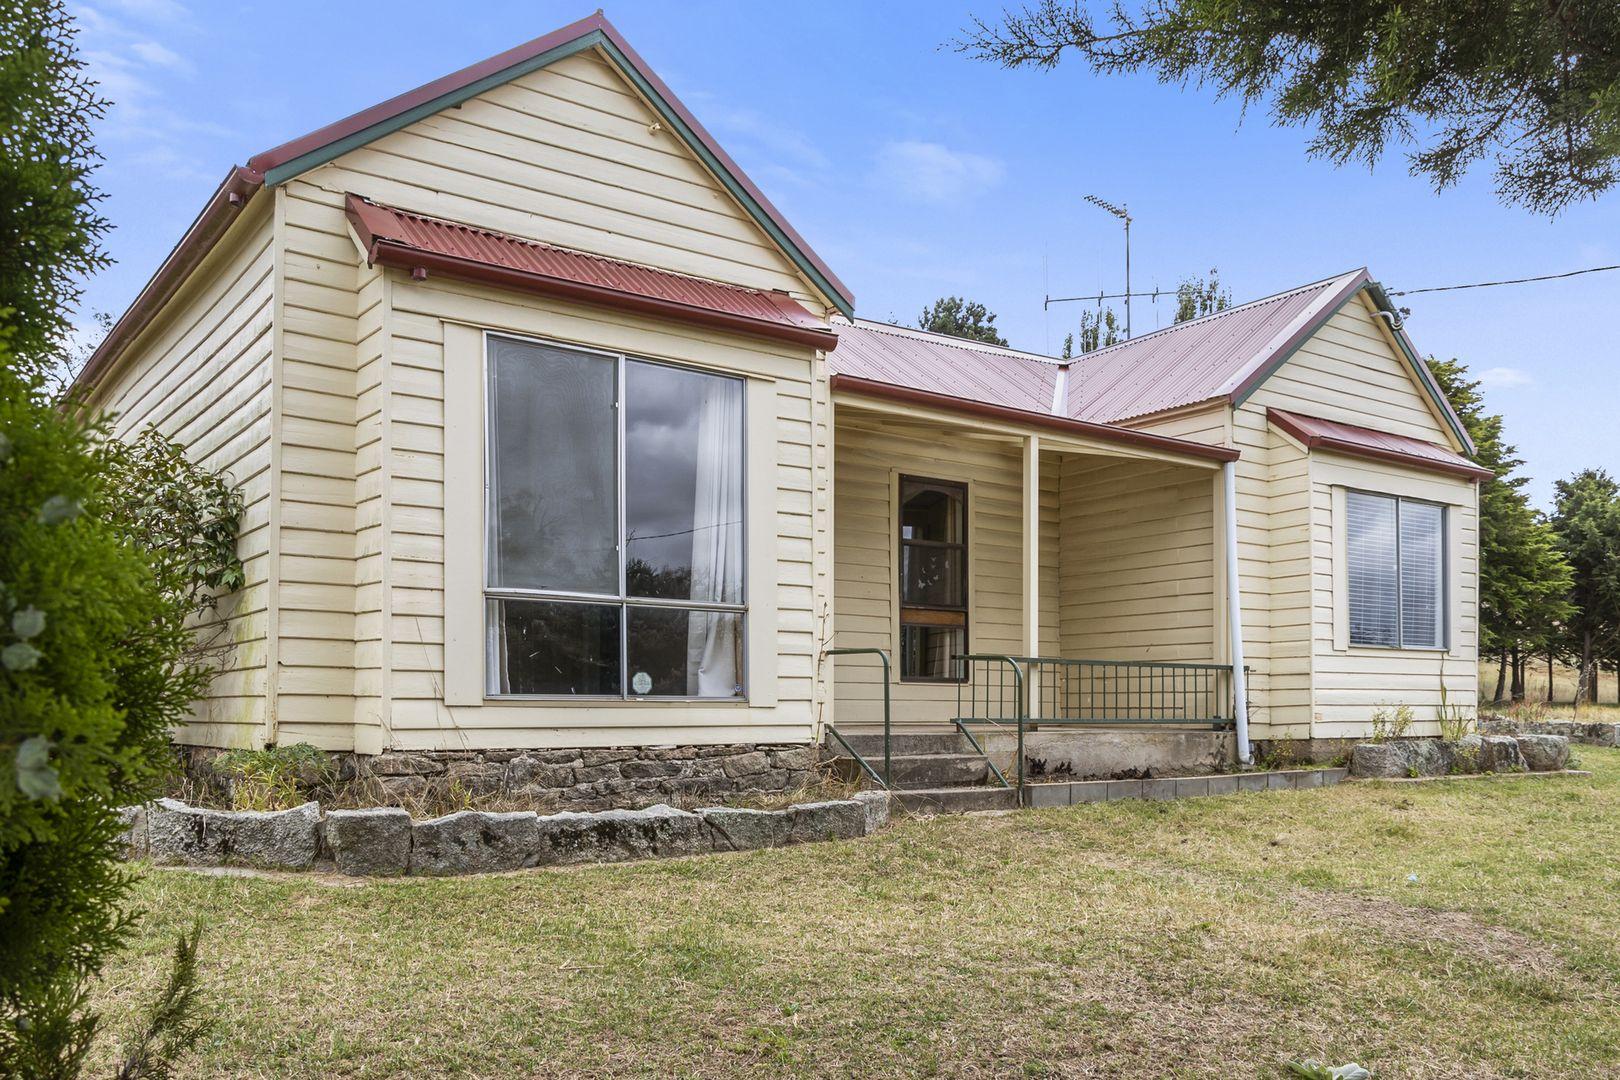 669 Kybeyan  Road, Kybeyan NSW 2631, Image 1